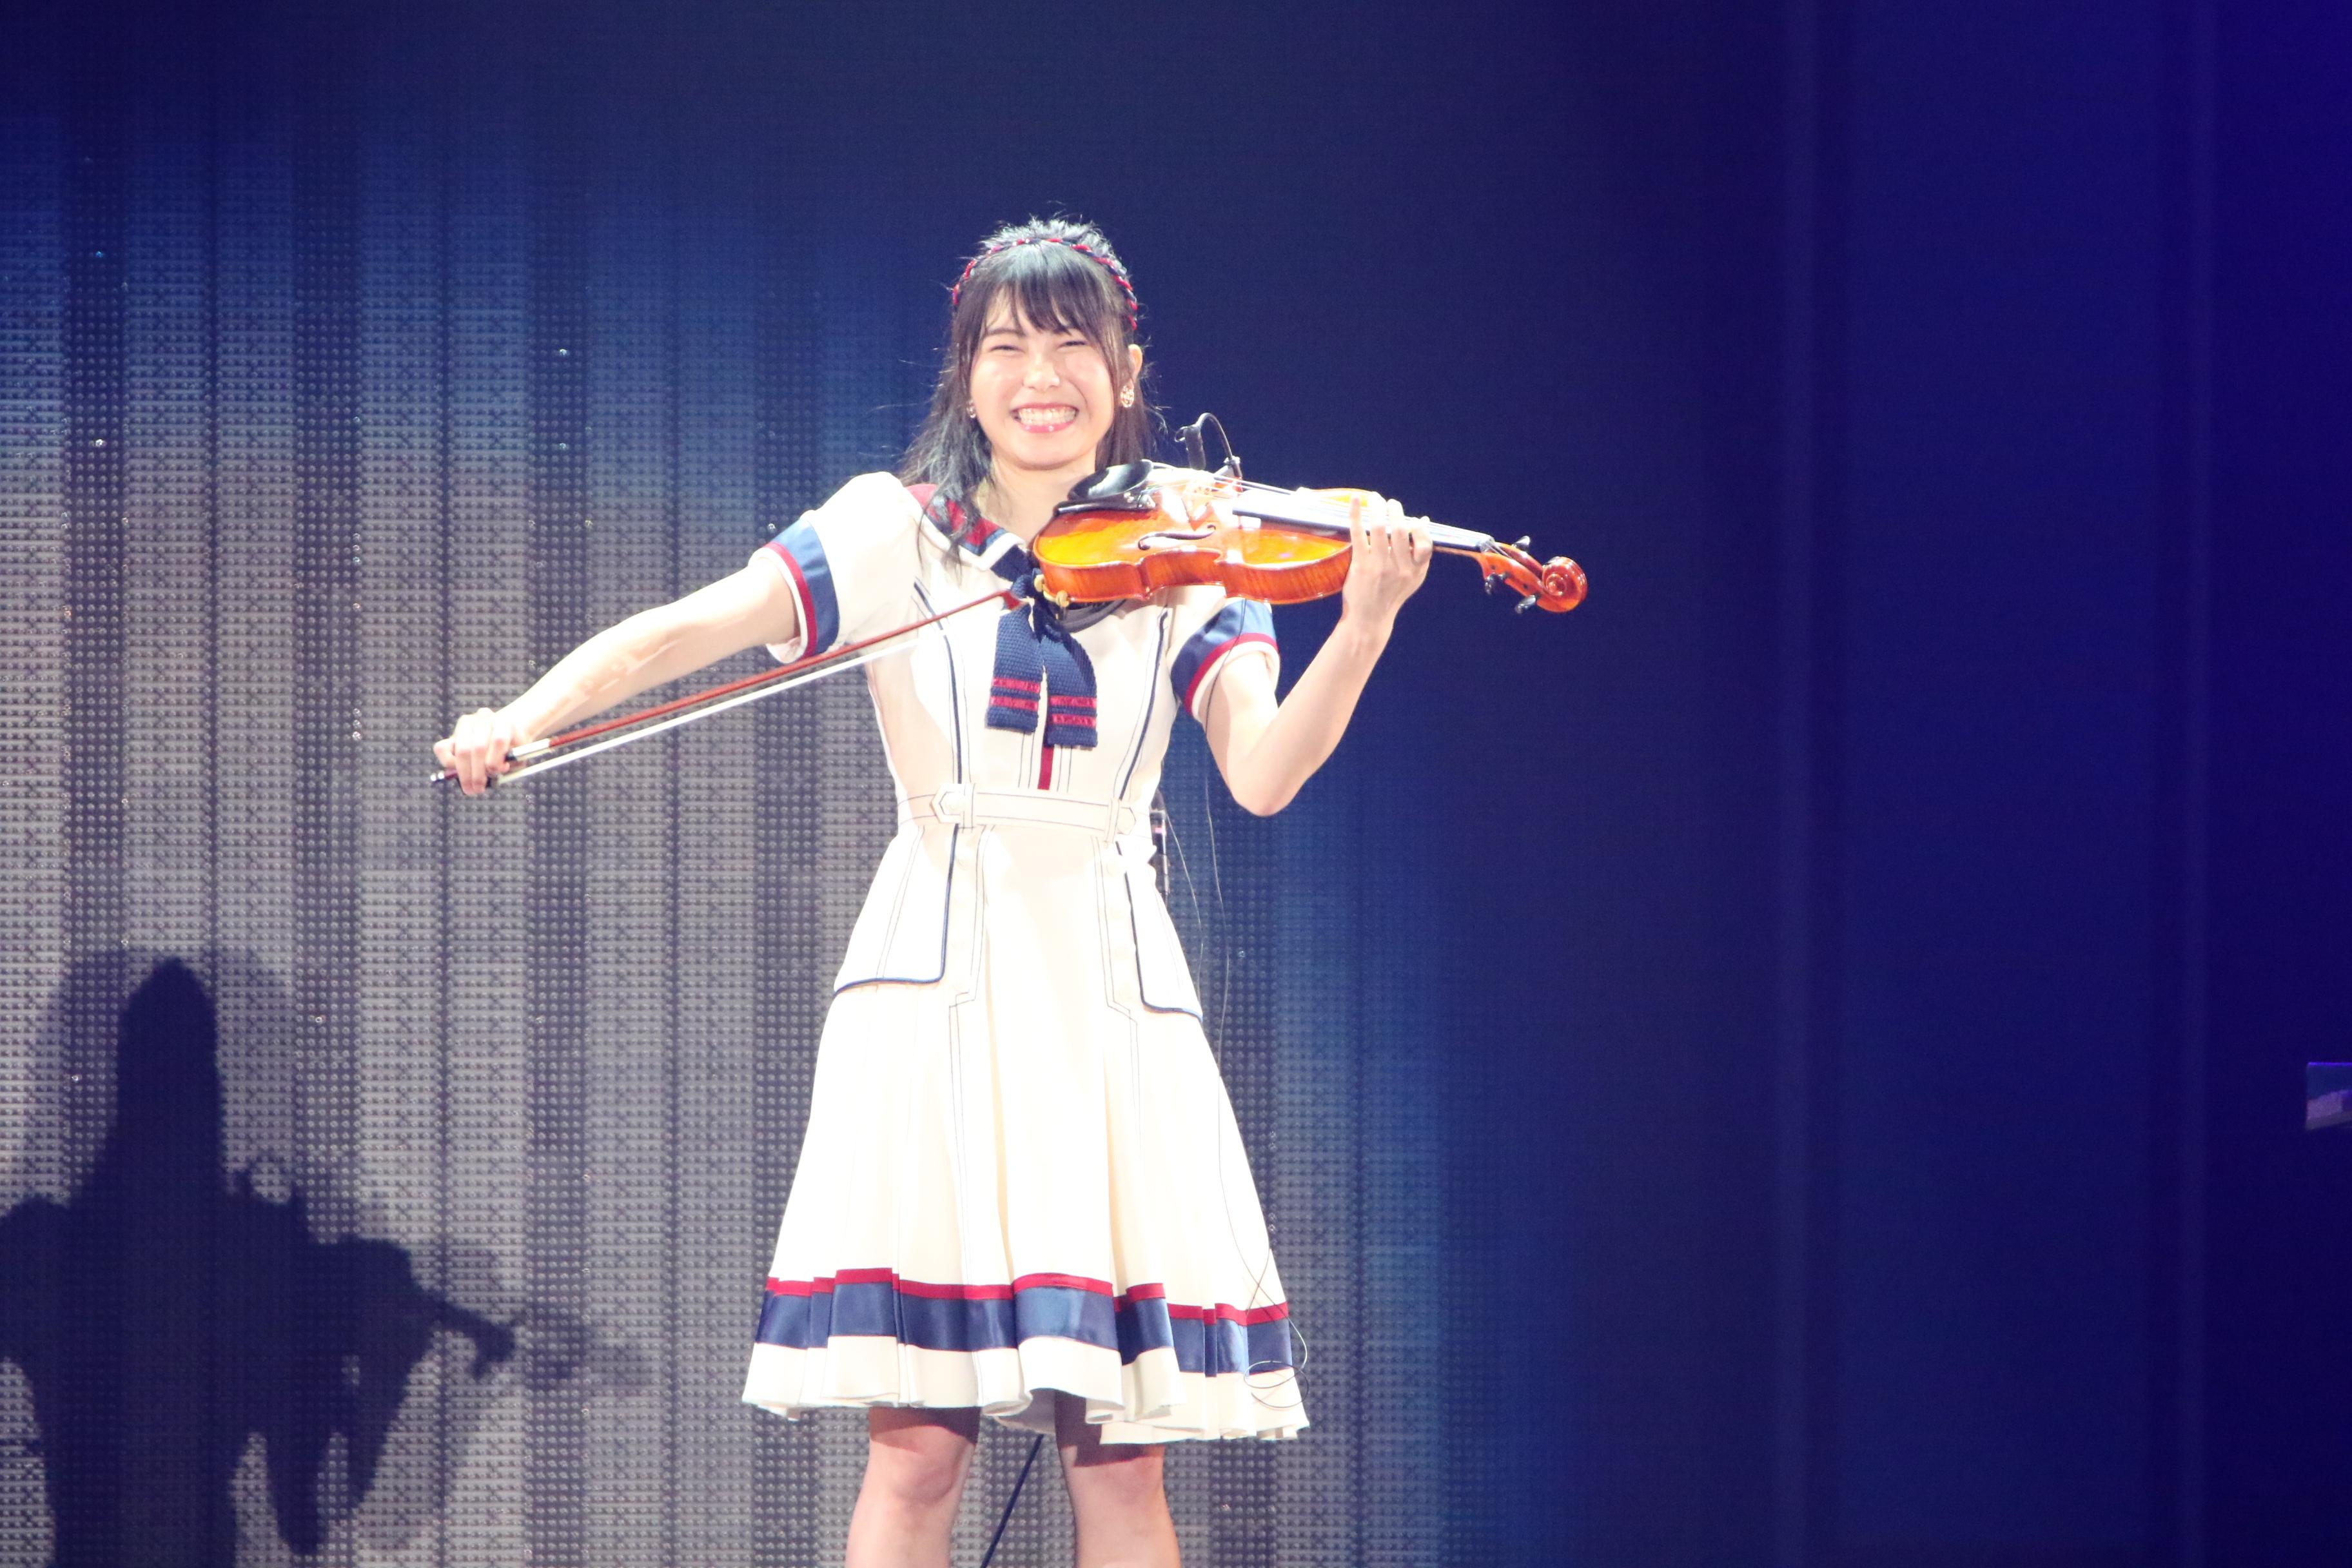 「Everyday、カチューシャ」をバイオリンで披露し苦笑いの横山由依